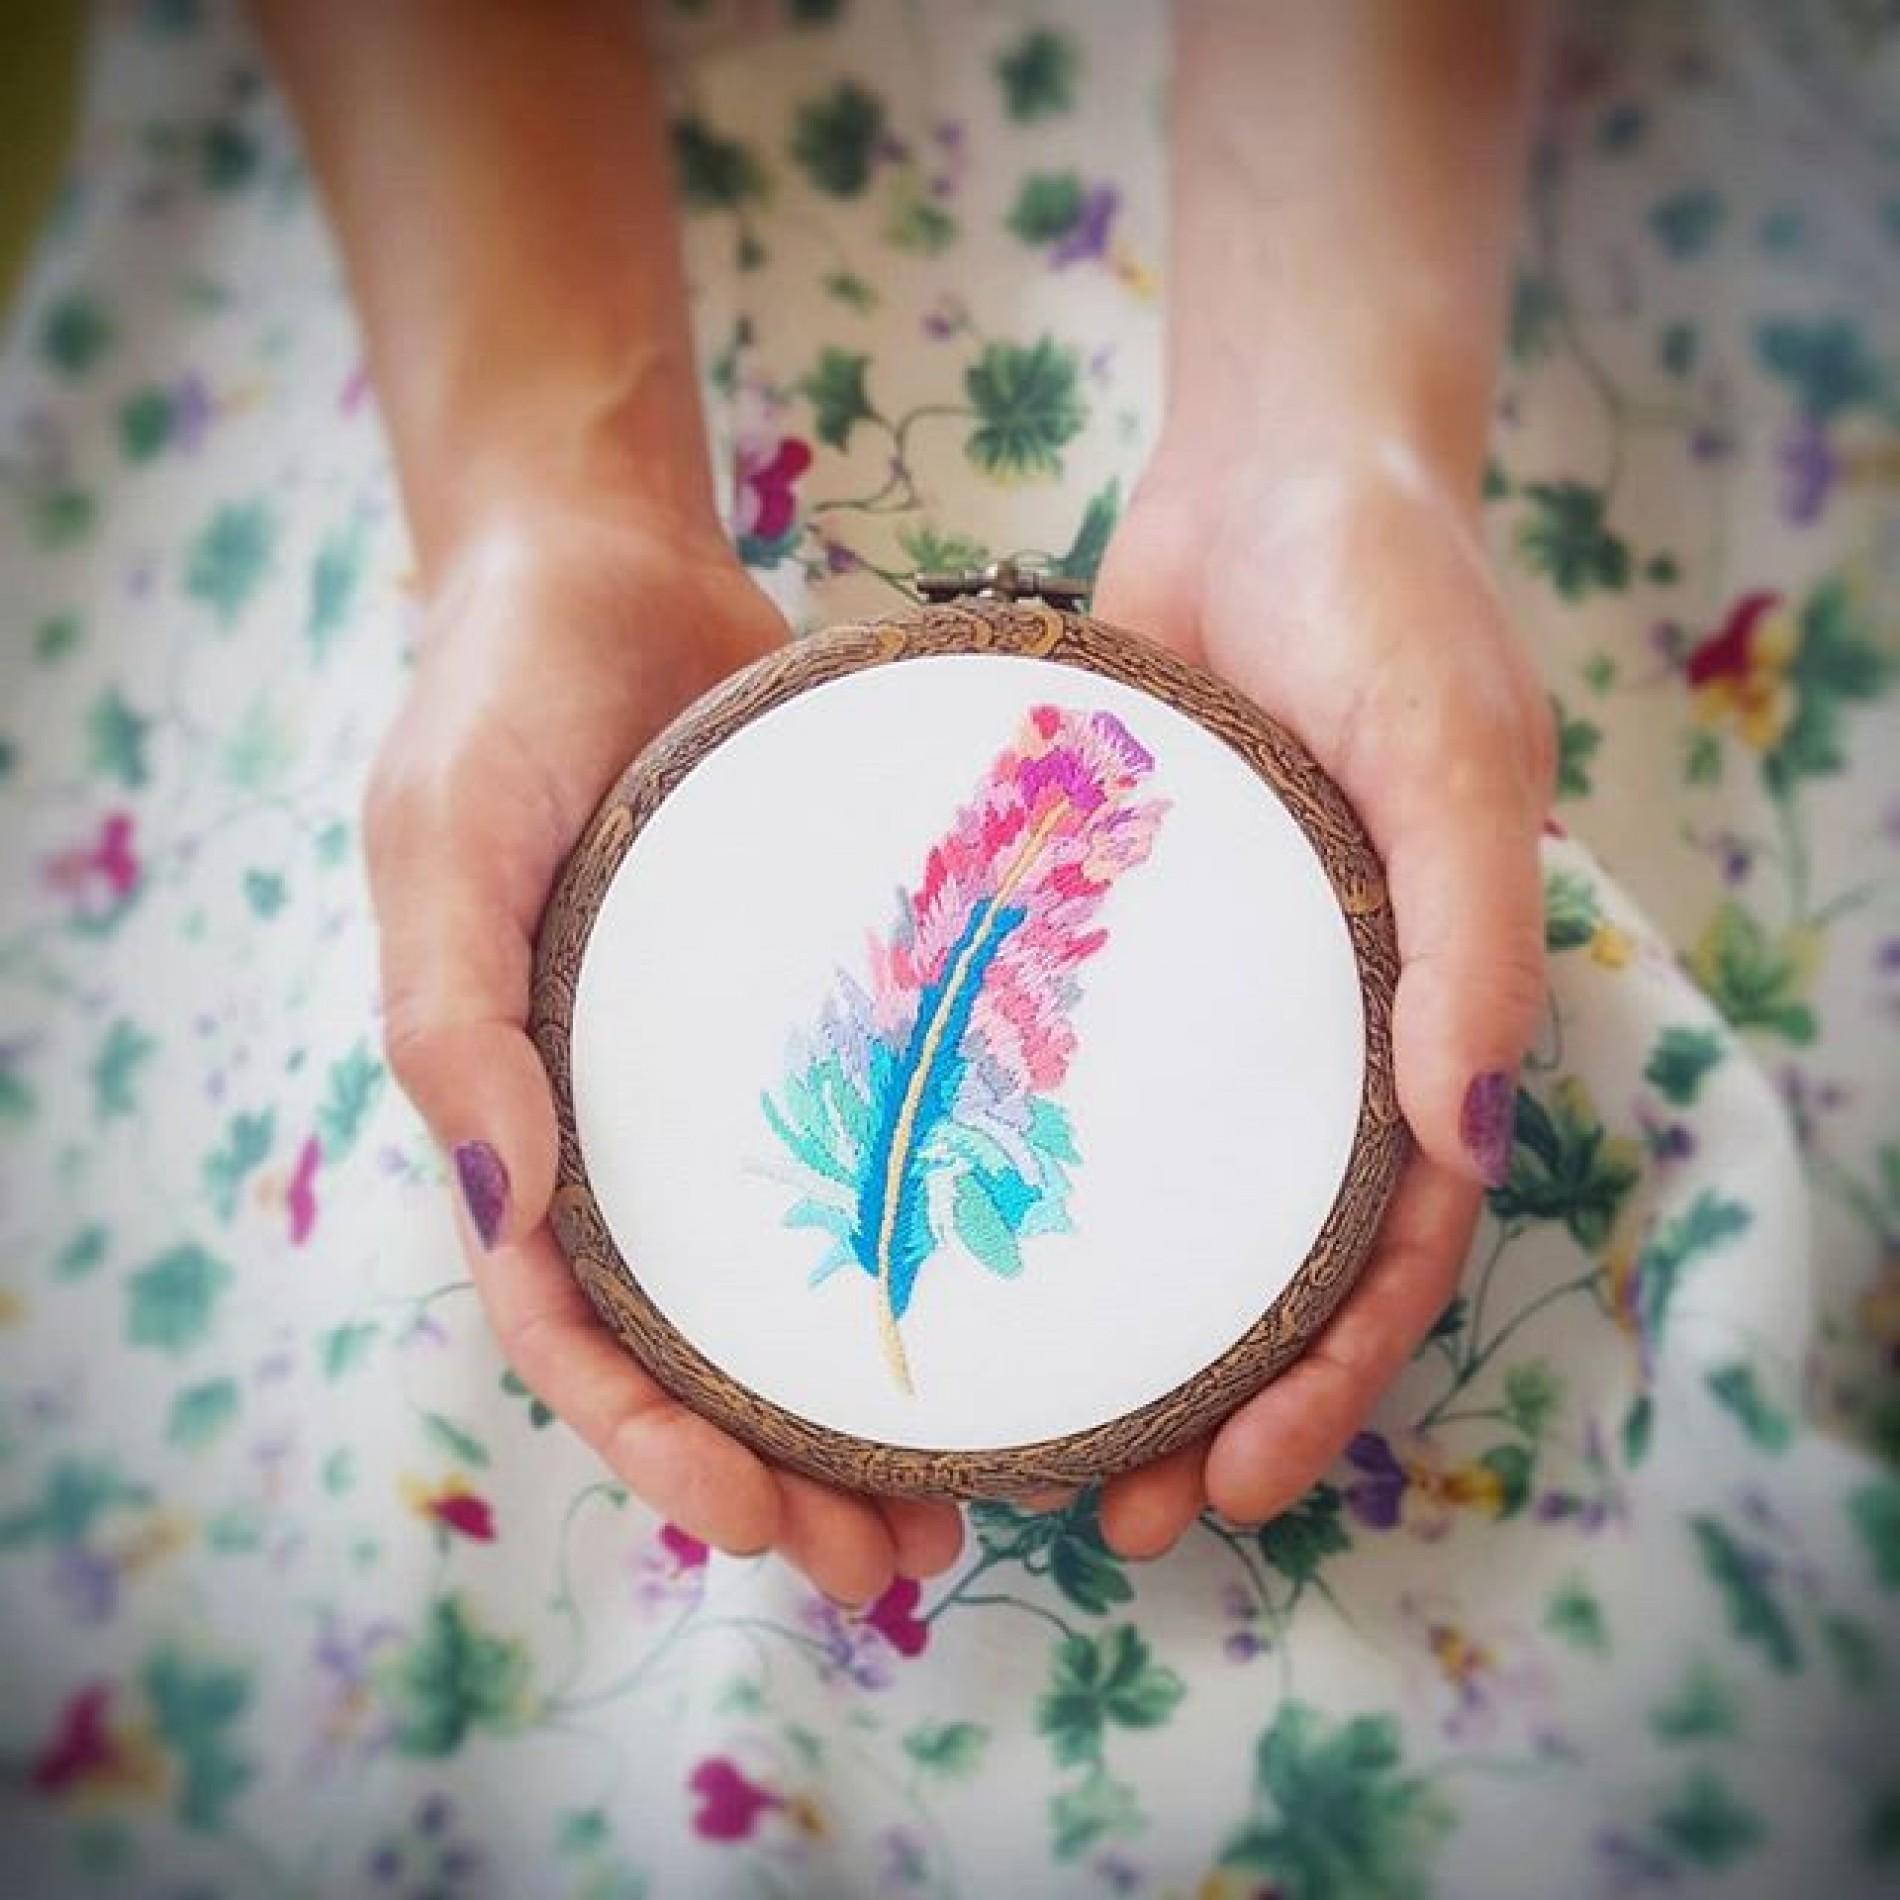 haftowany obraz z różowym piórem